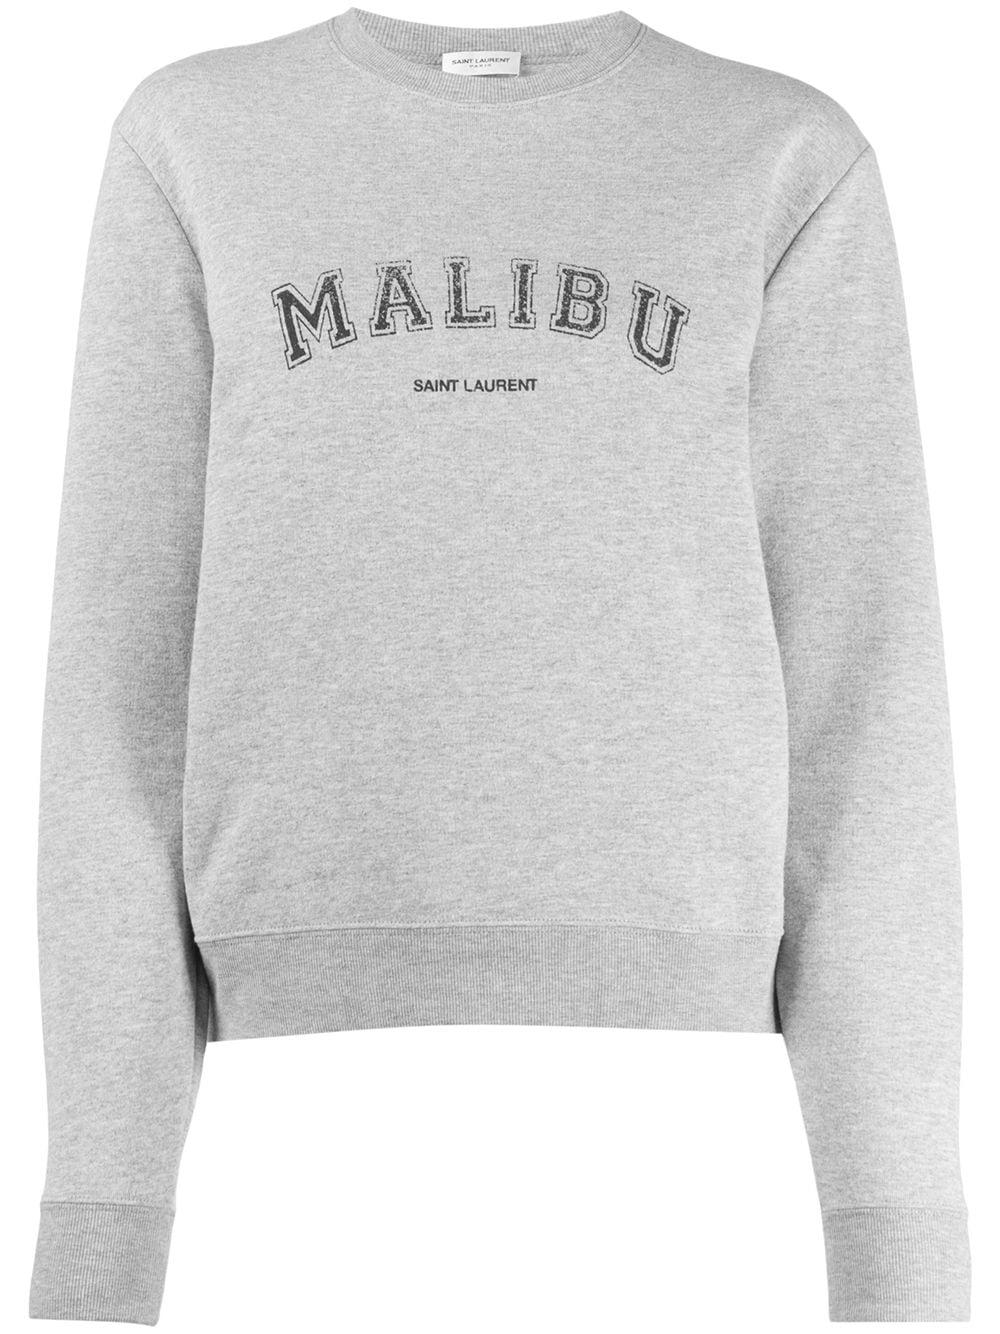 Saint Laurent Malibu Crew Neck Sweatshirt Farfetch Crew Neck Sweatshirt Sweatshirts Saint Laurent [ 1334 x 1000 Pixel ]